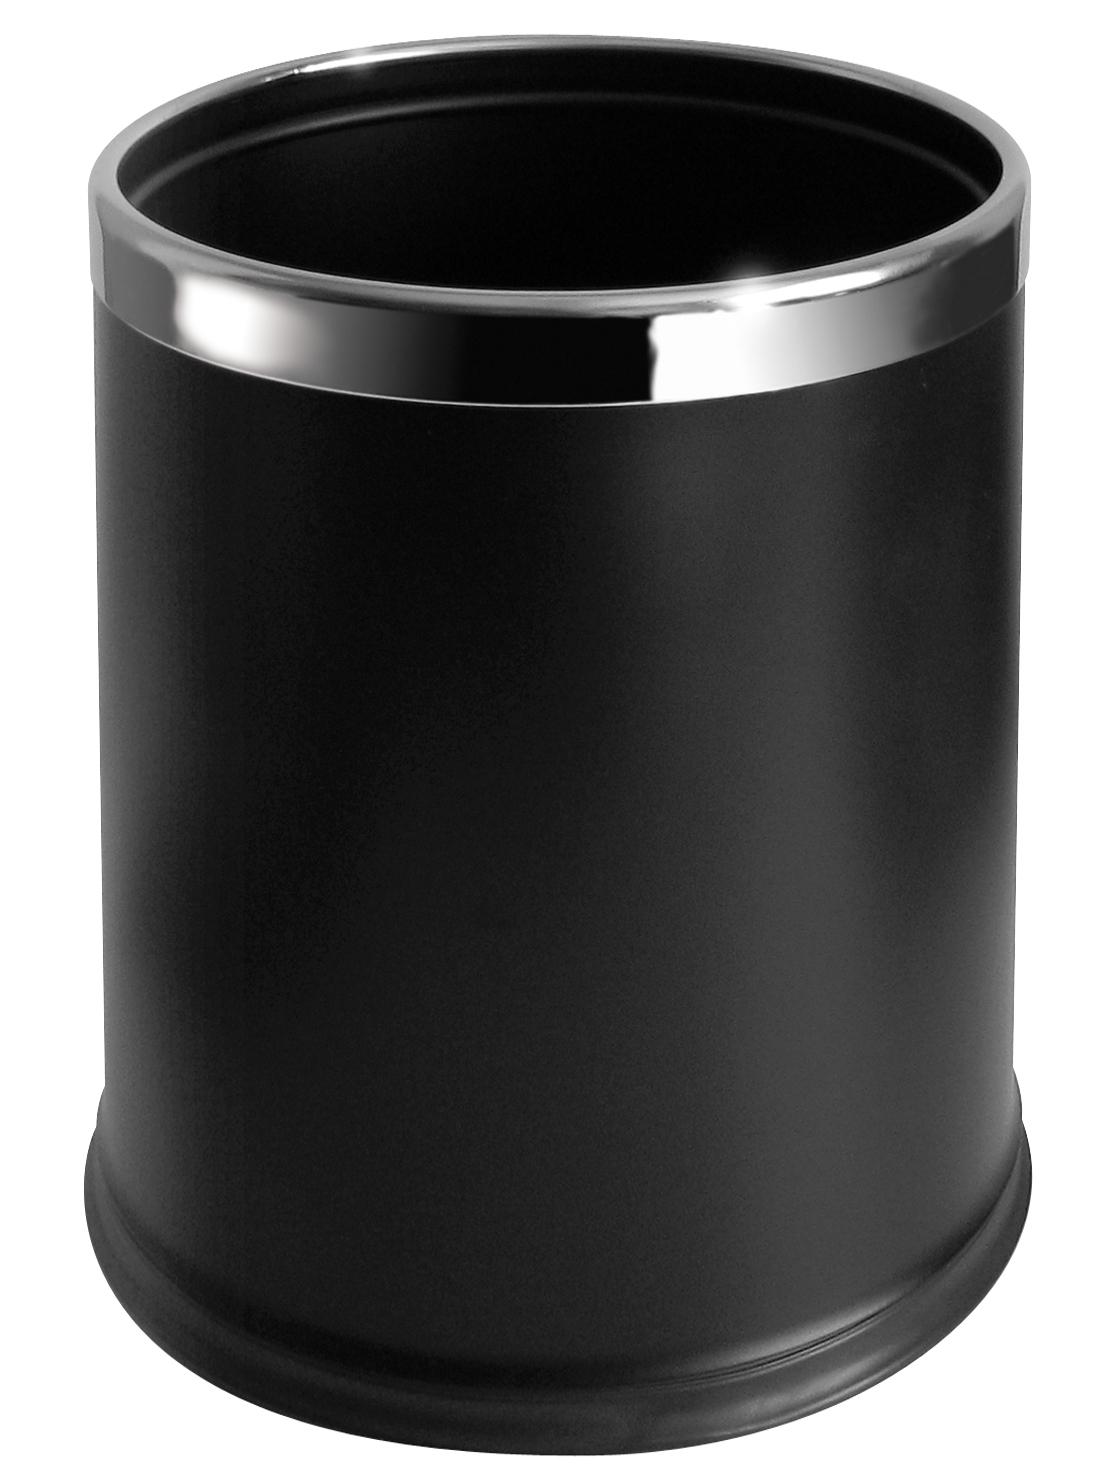 poubelle bureau noire fabricant. Black Bedroom Furniture Sets. Home Design Ideas